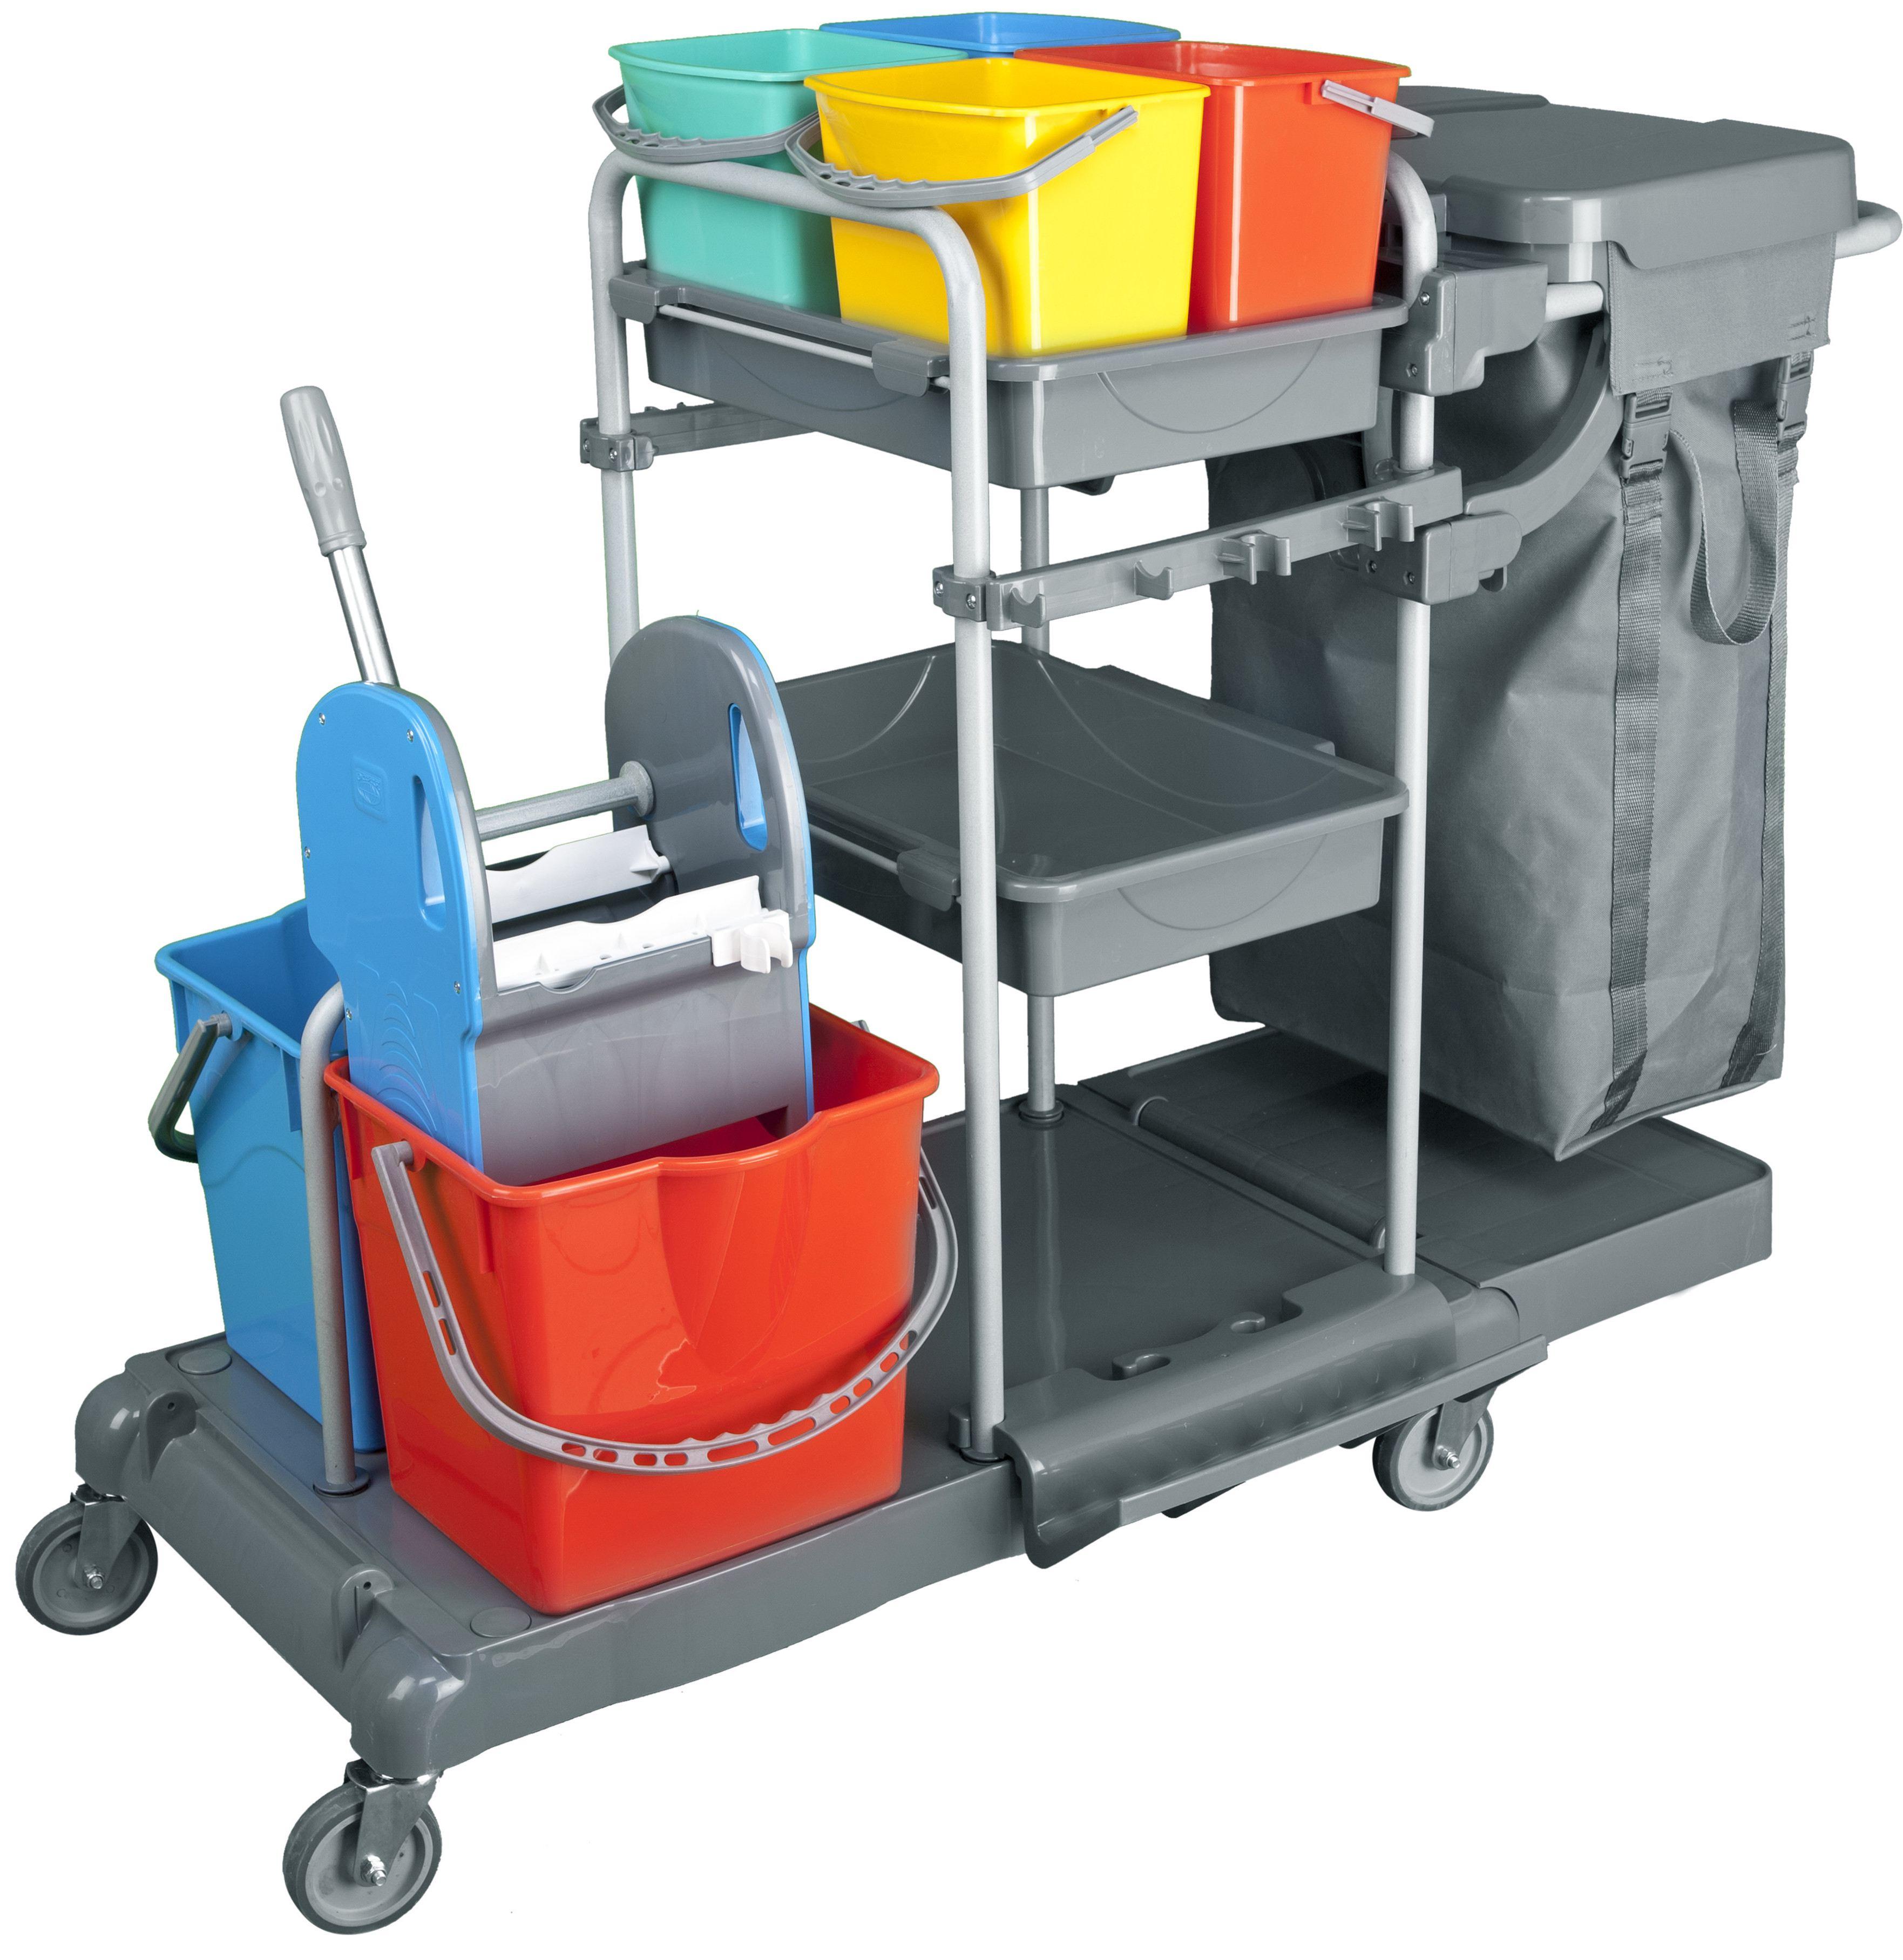 servicewagen cleansv pe reinigungswagen kunststoff putzwagen komplett ausgestattet 4 x 6 liter. Black Bedroom Furniture Sets. Home Design Ideas